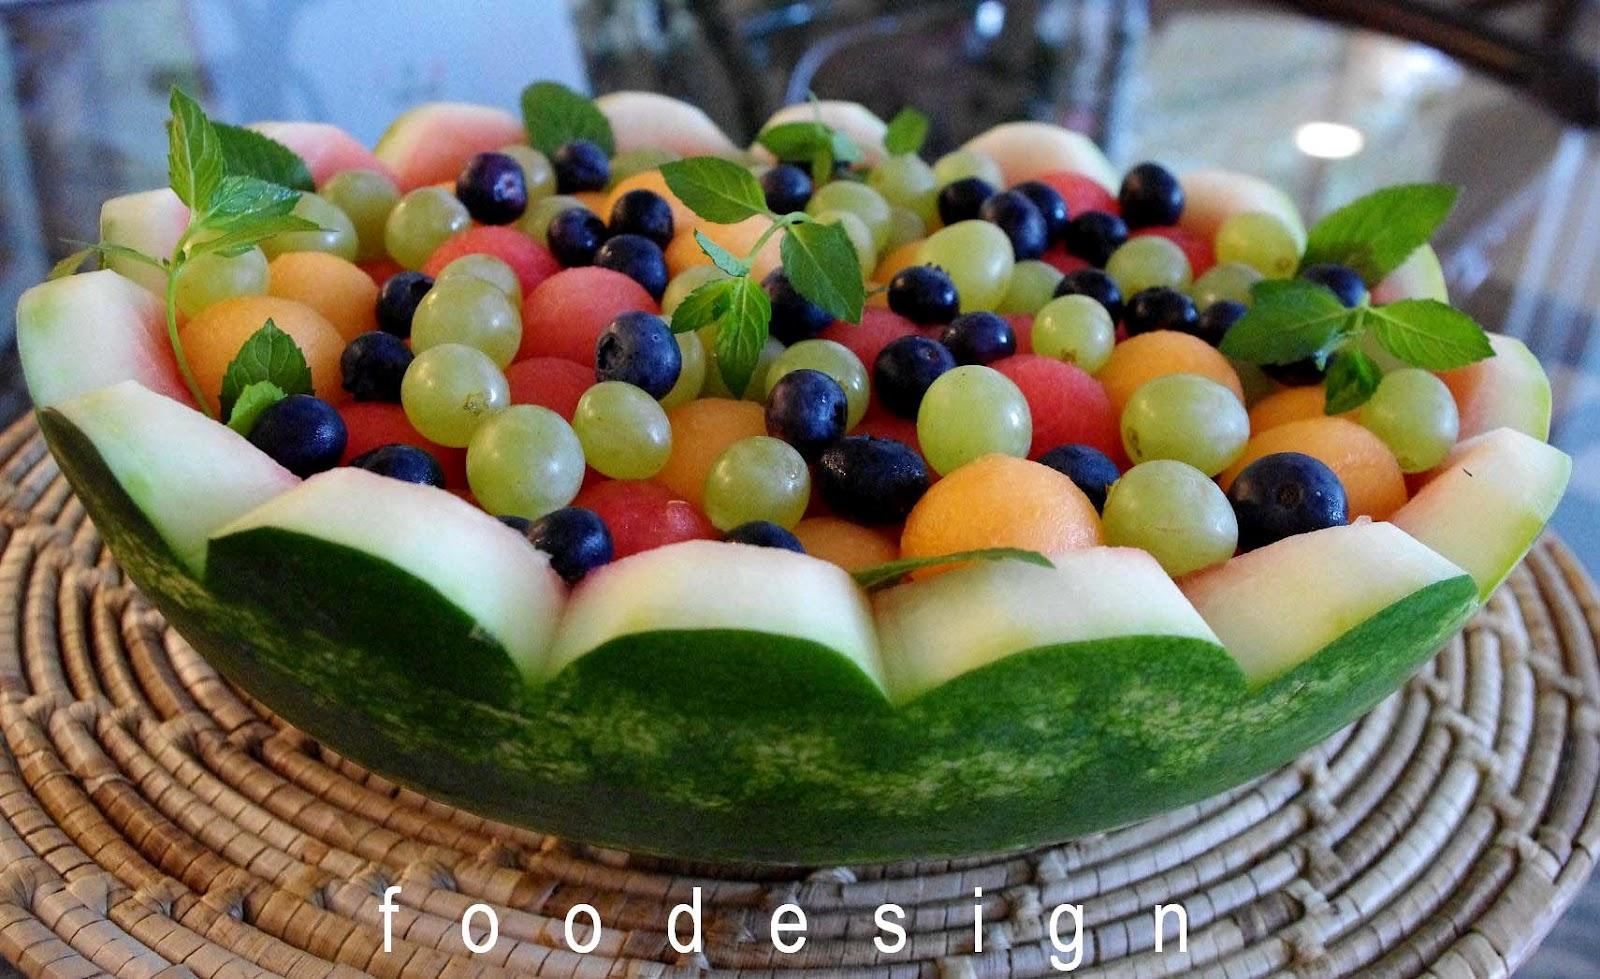 Foodesign Fresh Fruit Basket